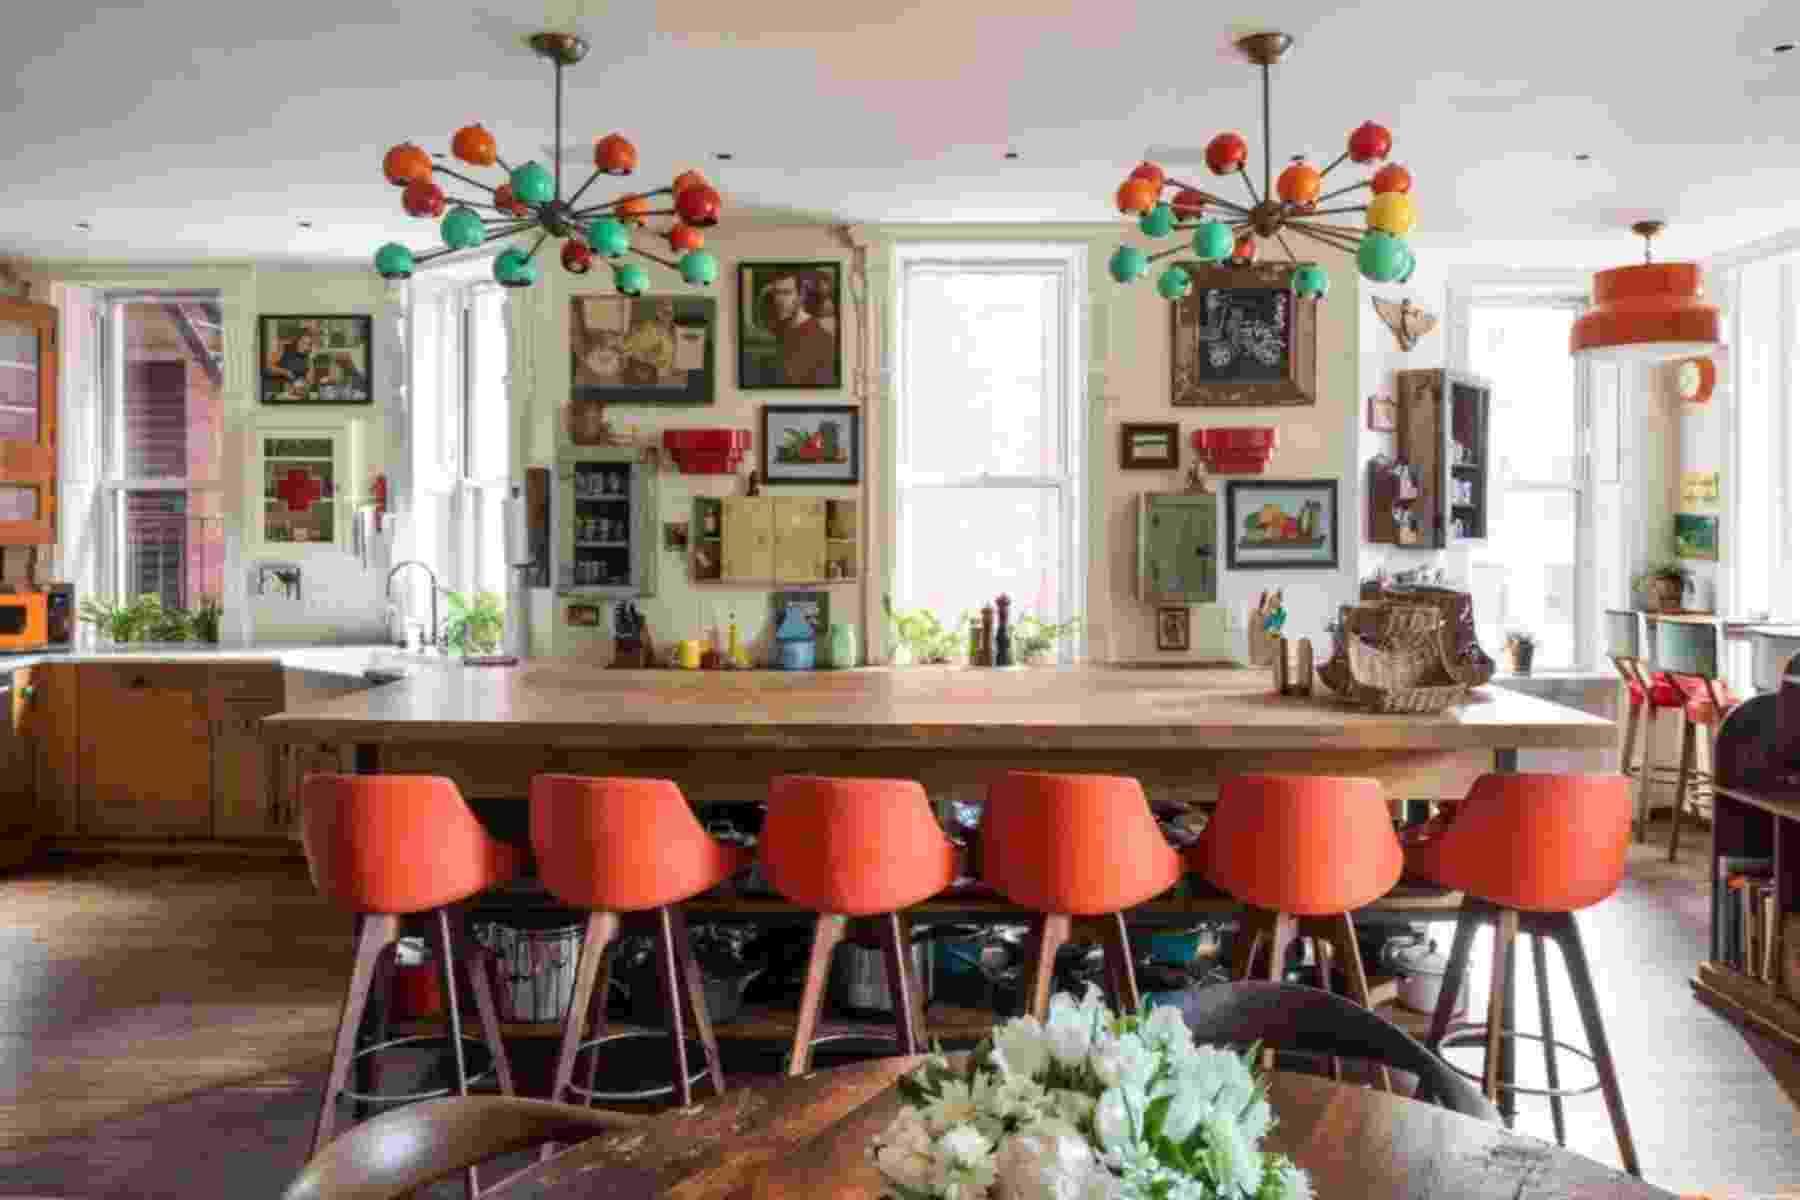 Jimmy Fallon anuncia casa à venda por R$85 milhões em Nova York - Reprodução Sotheby s International Realty